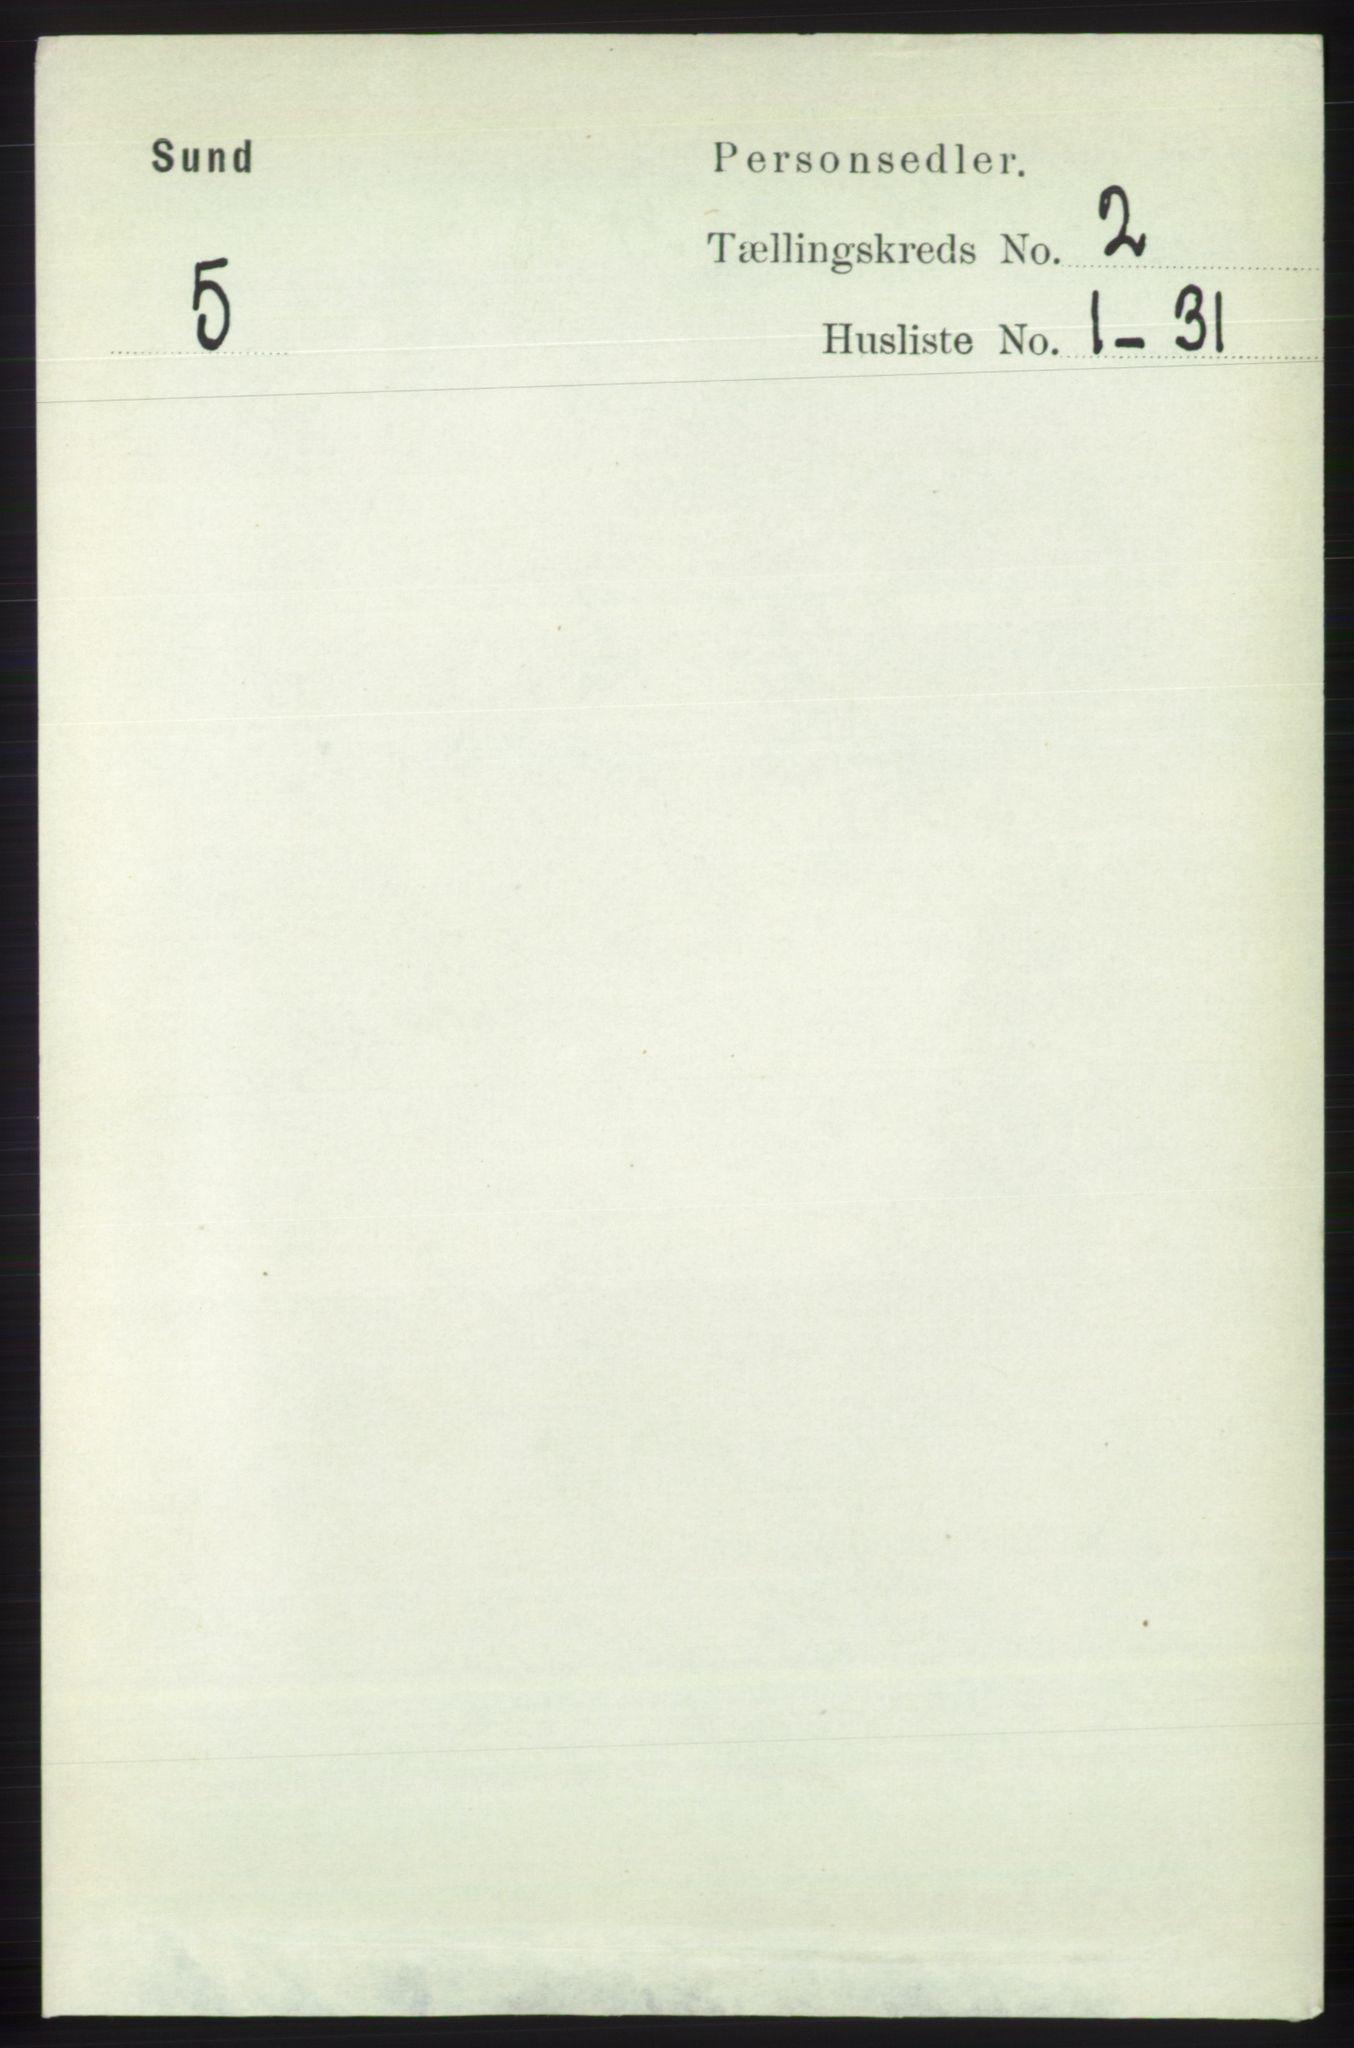 RA, Folketelling 1891 for 1245 Sund herred, 1891, s. 591